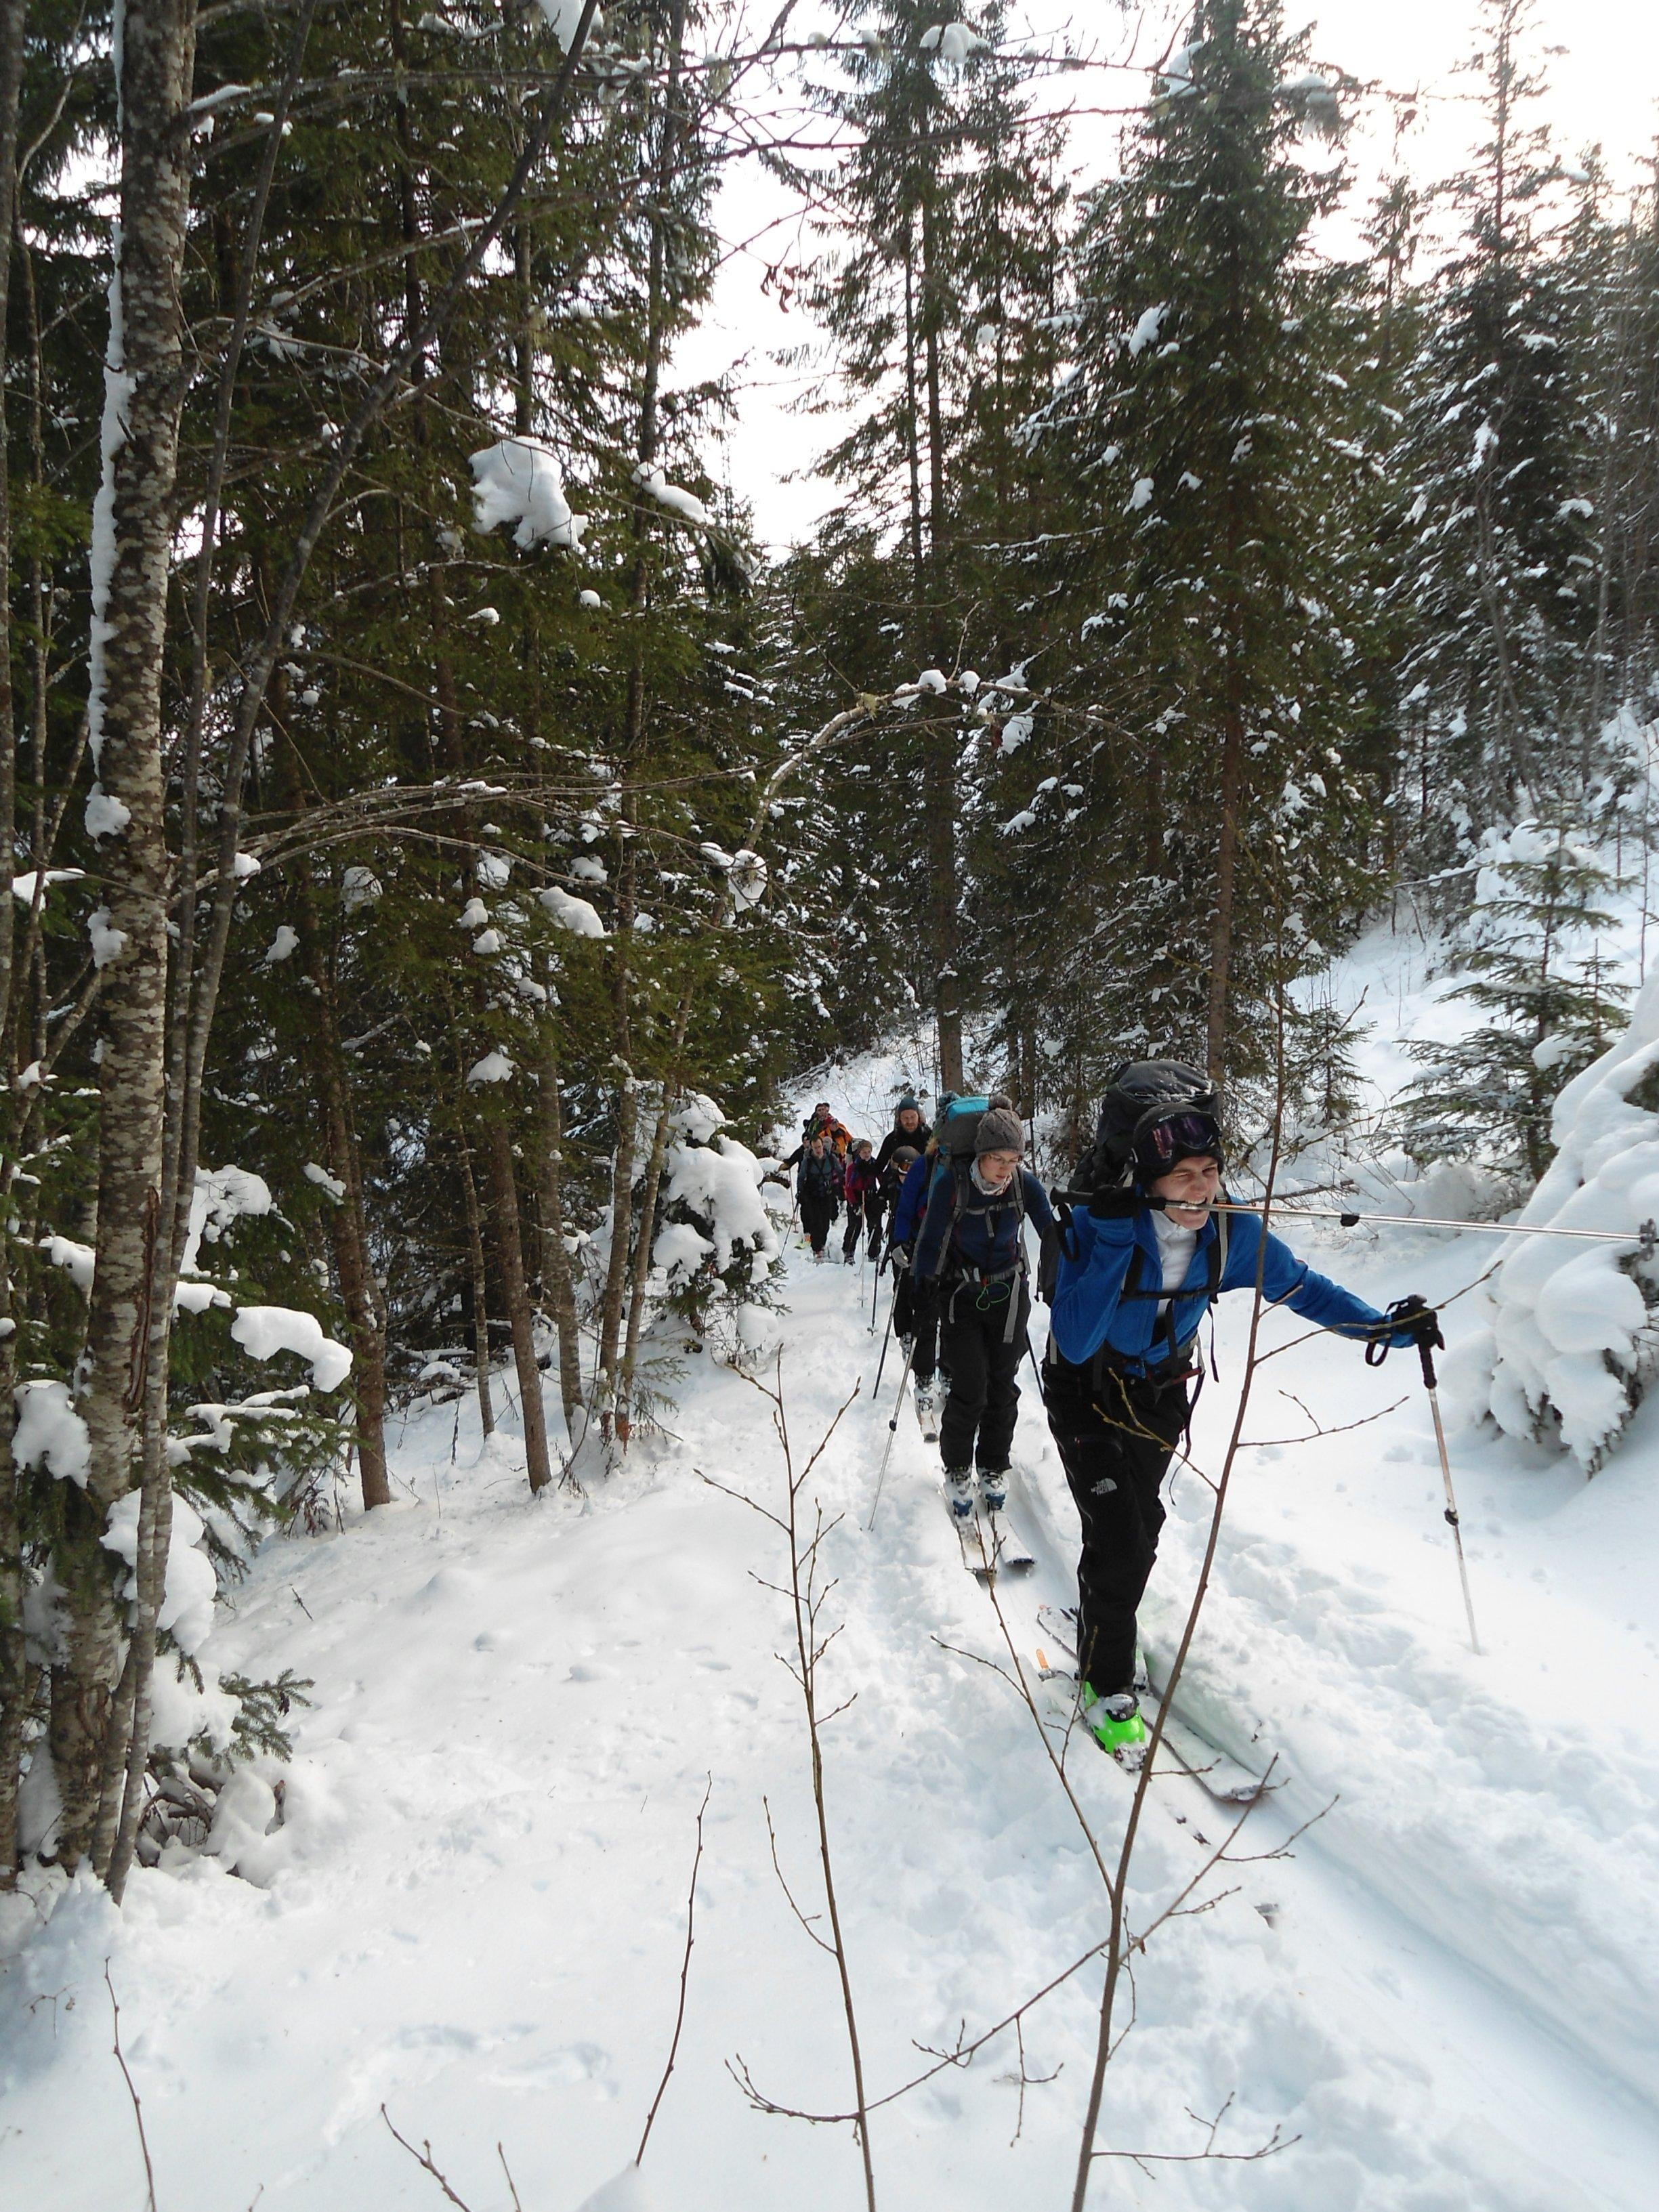 Mit 20 Skitourengängern den Berg hoch... (Foto: Frederick)